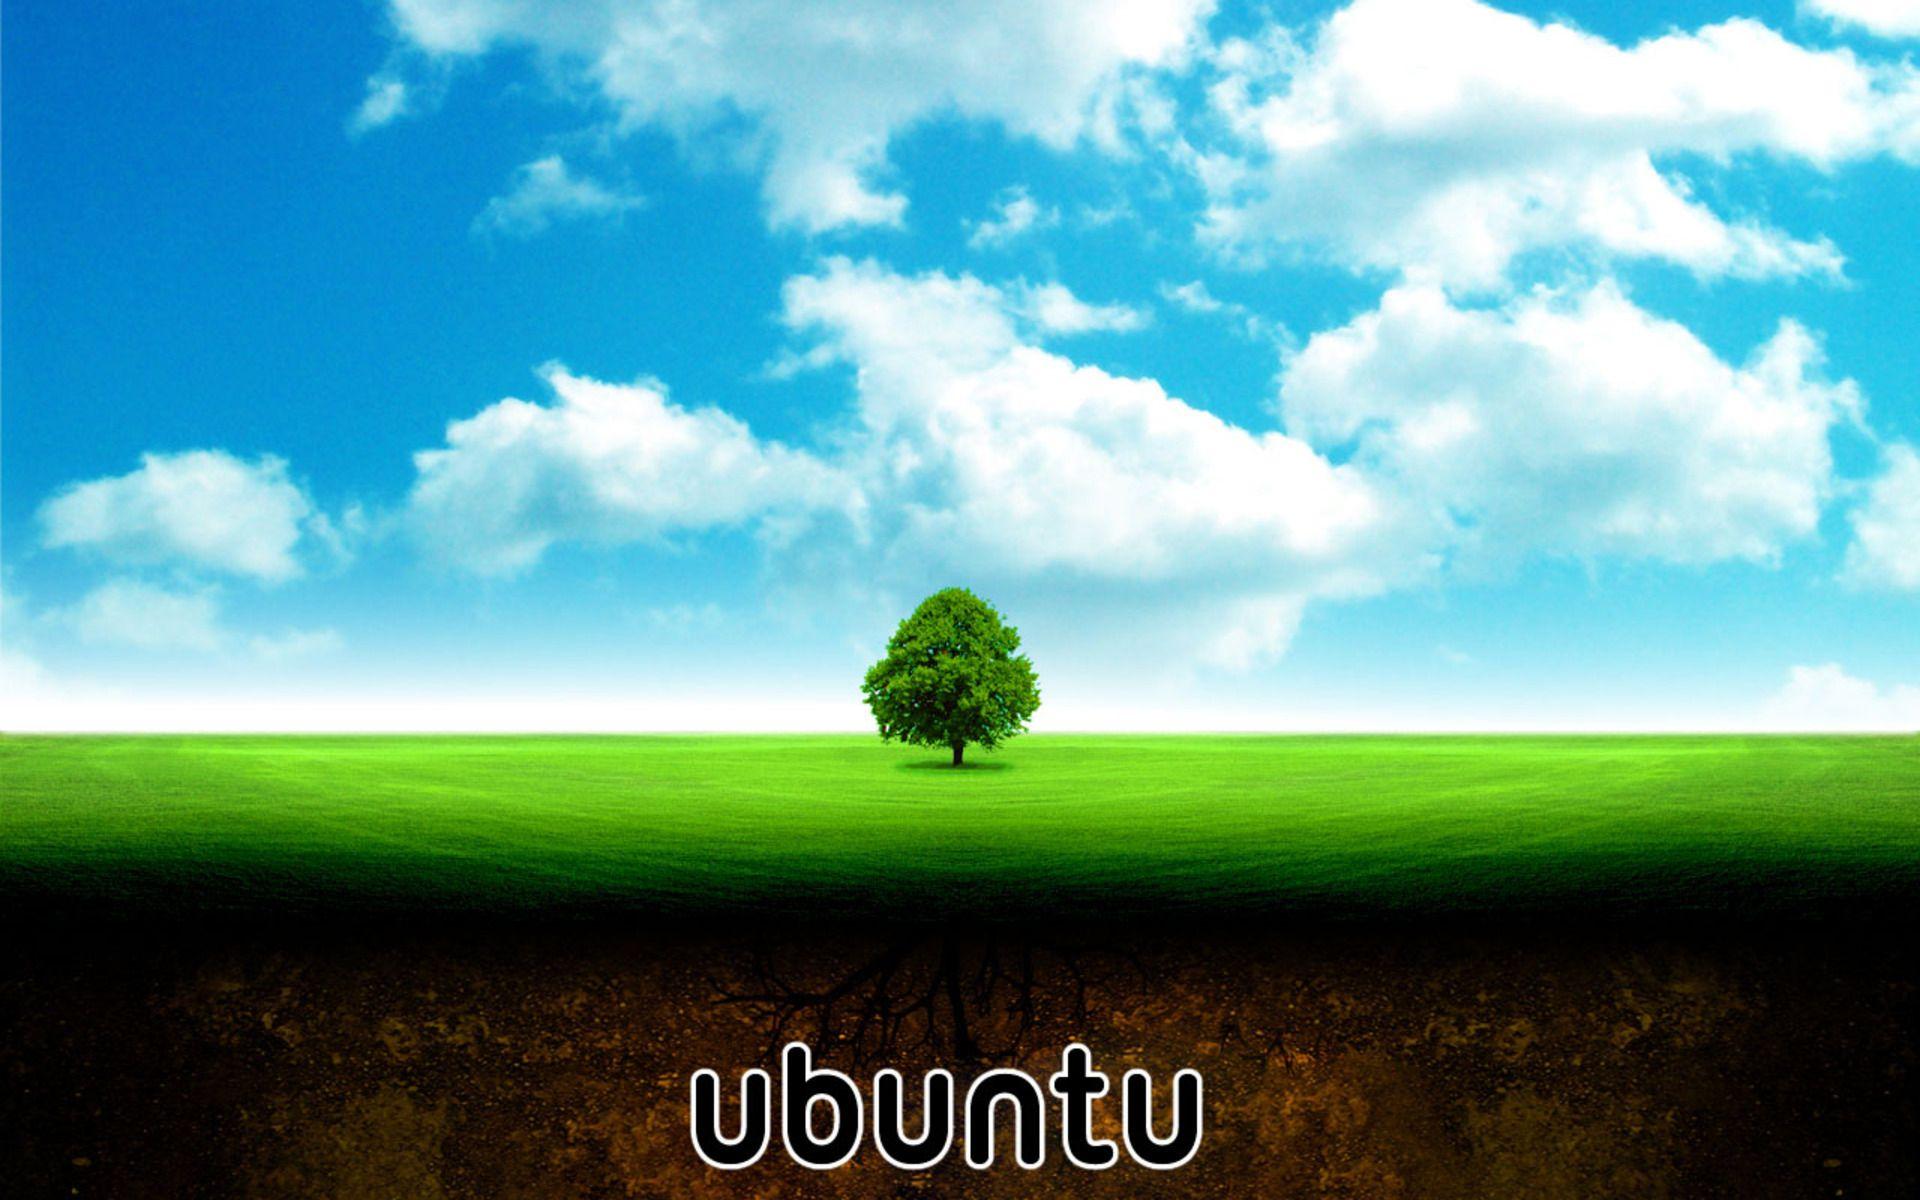 60 fondos de escritorio para ubuntu muylinux for Fondos de escritorio navidenos